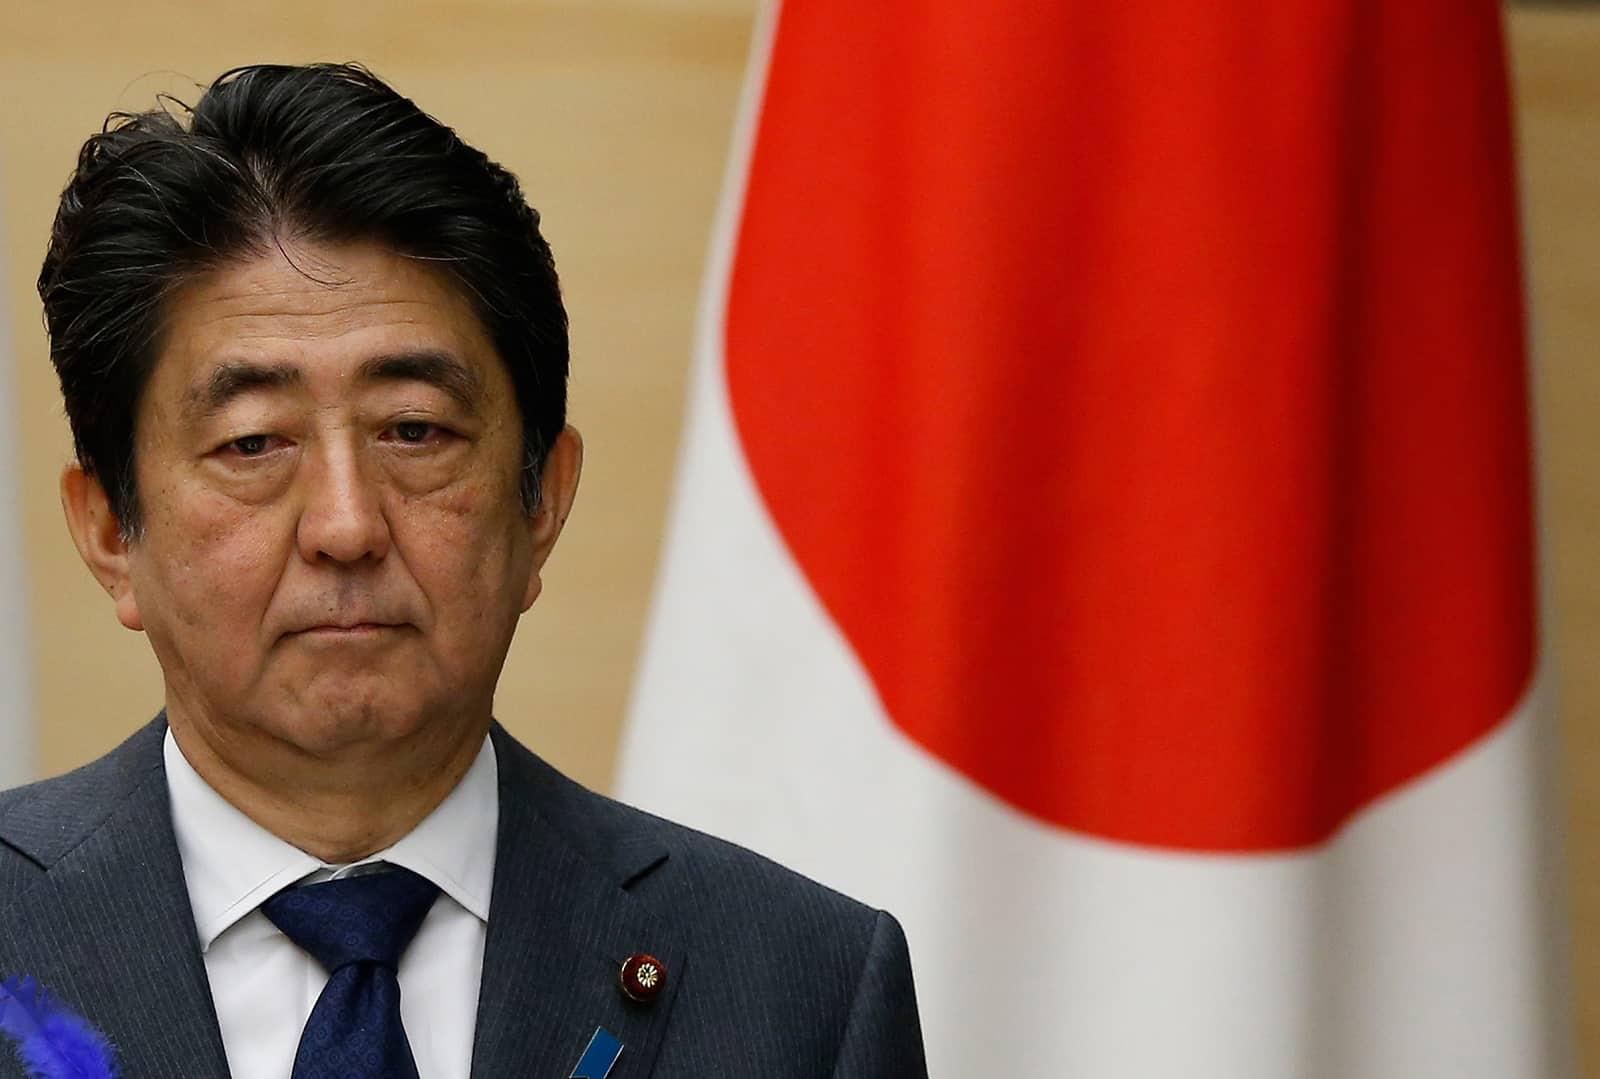 ¿Por qué dimitió Shinzo Abe y qué rumbo seguirá Japón sin él?